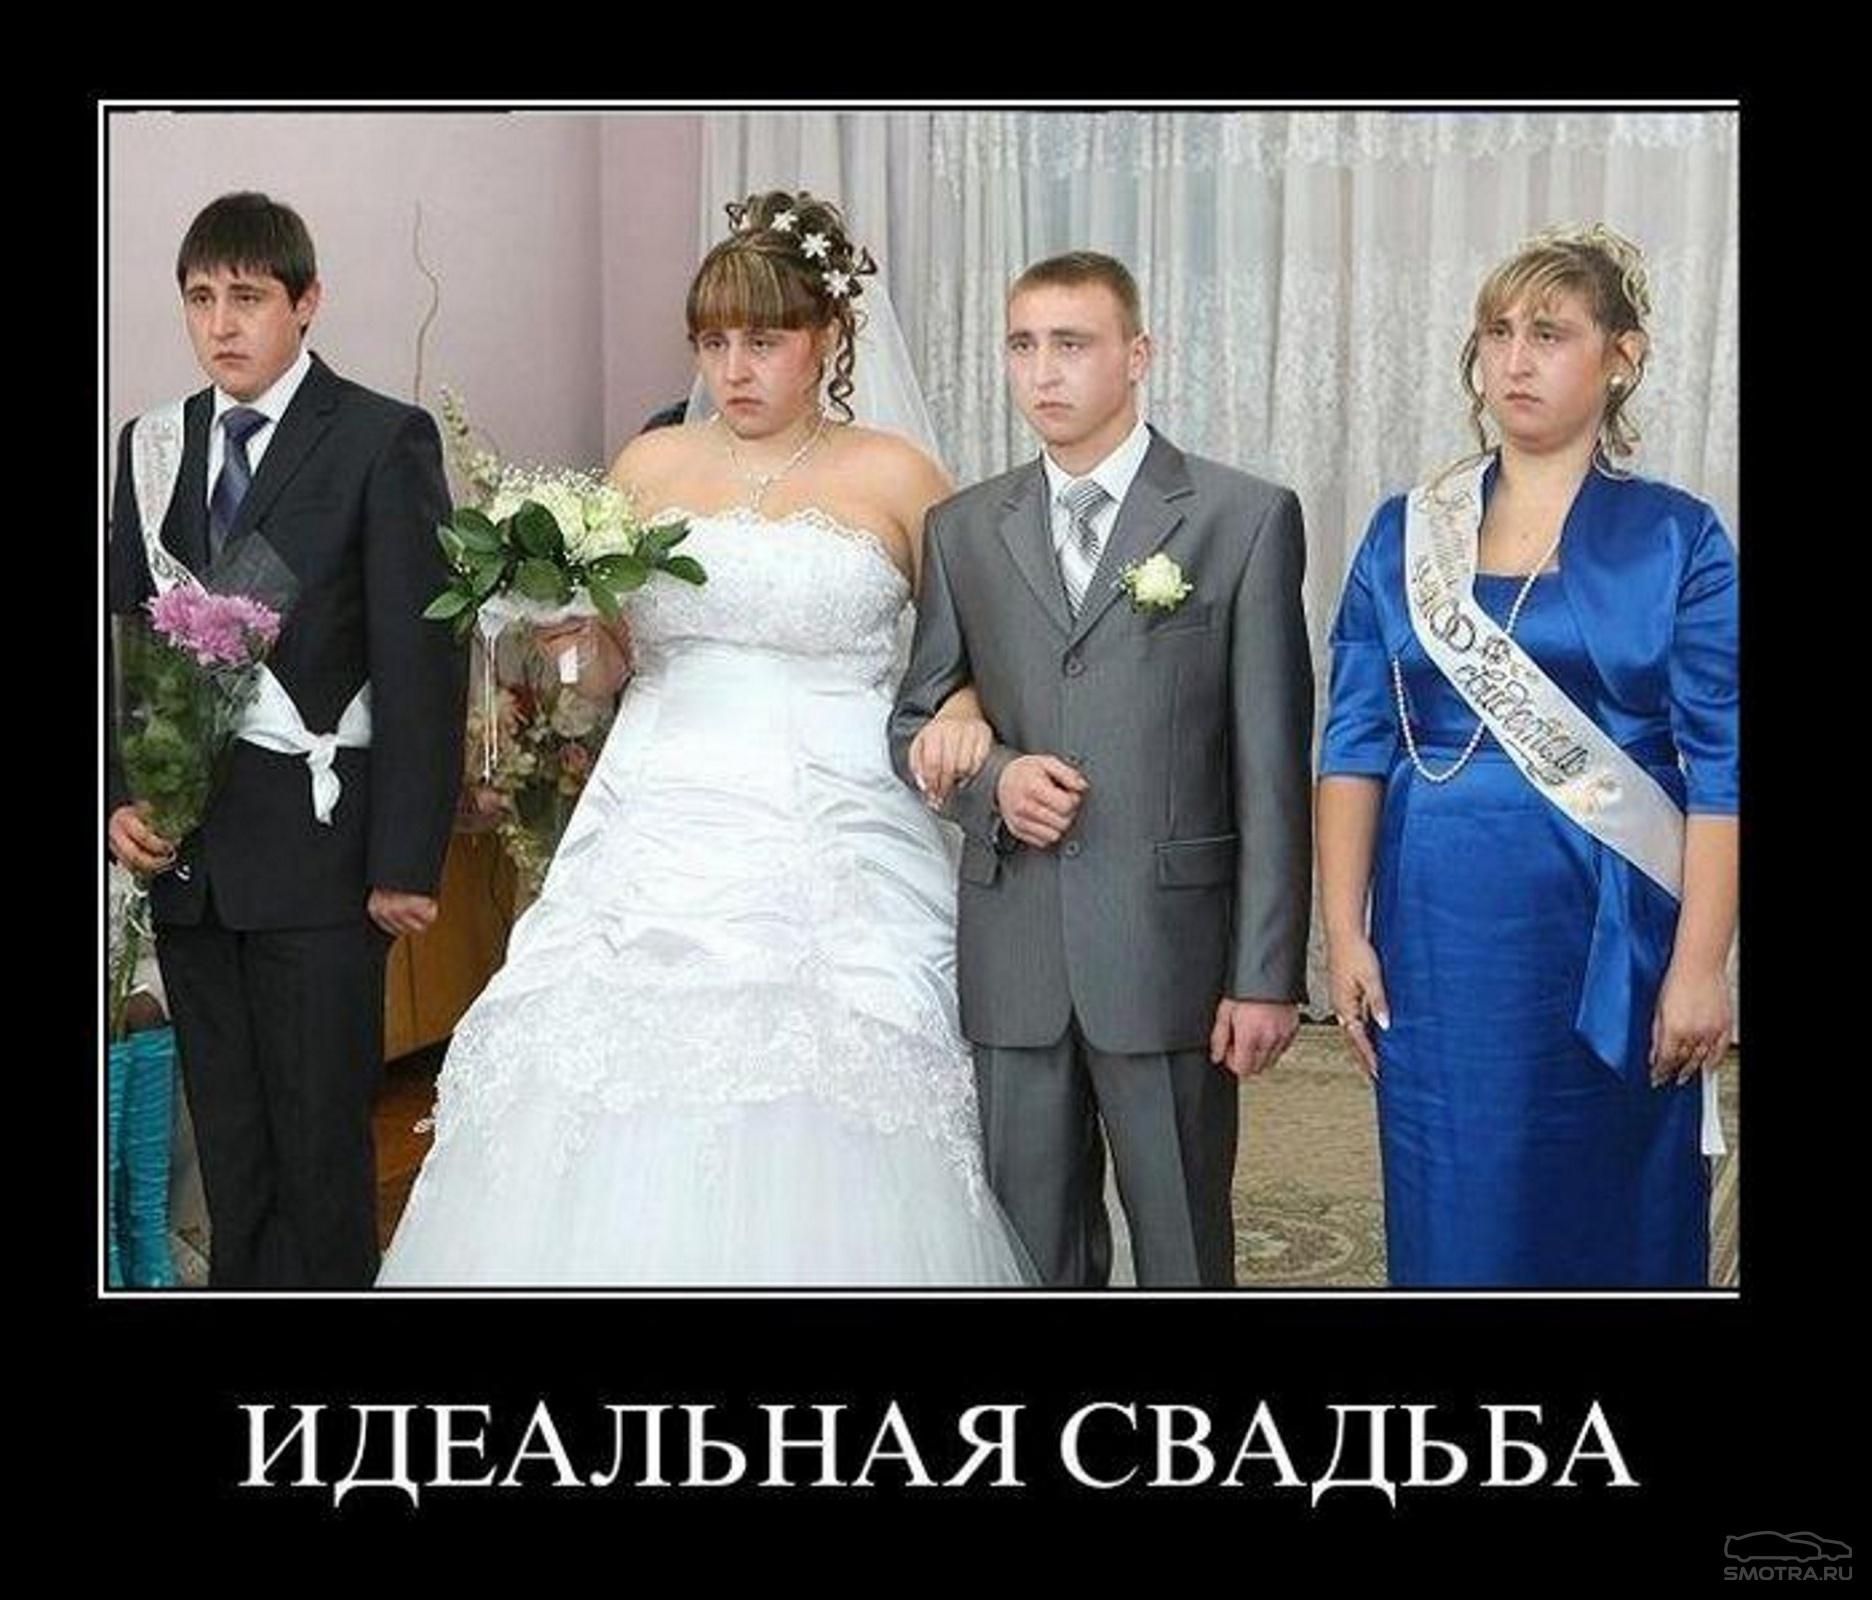 Ххх девишник перед свадьбой 20 фотография